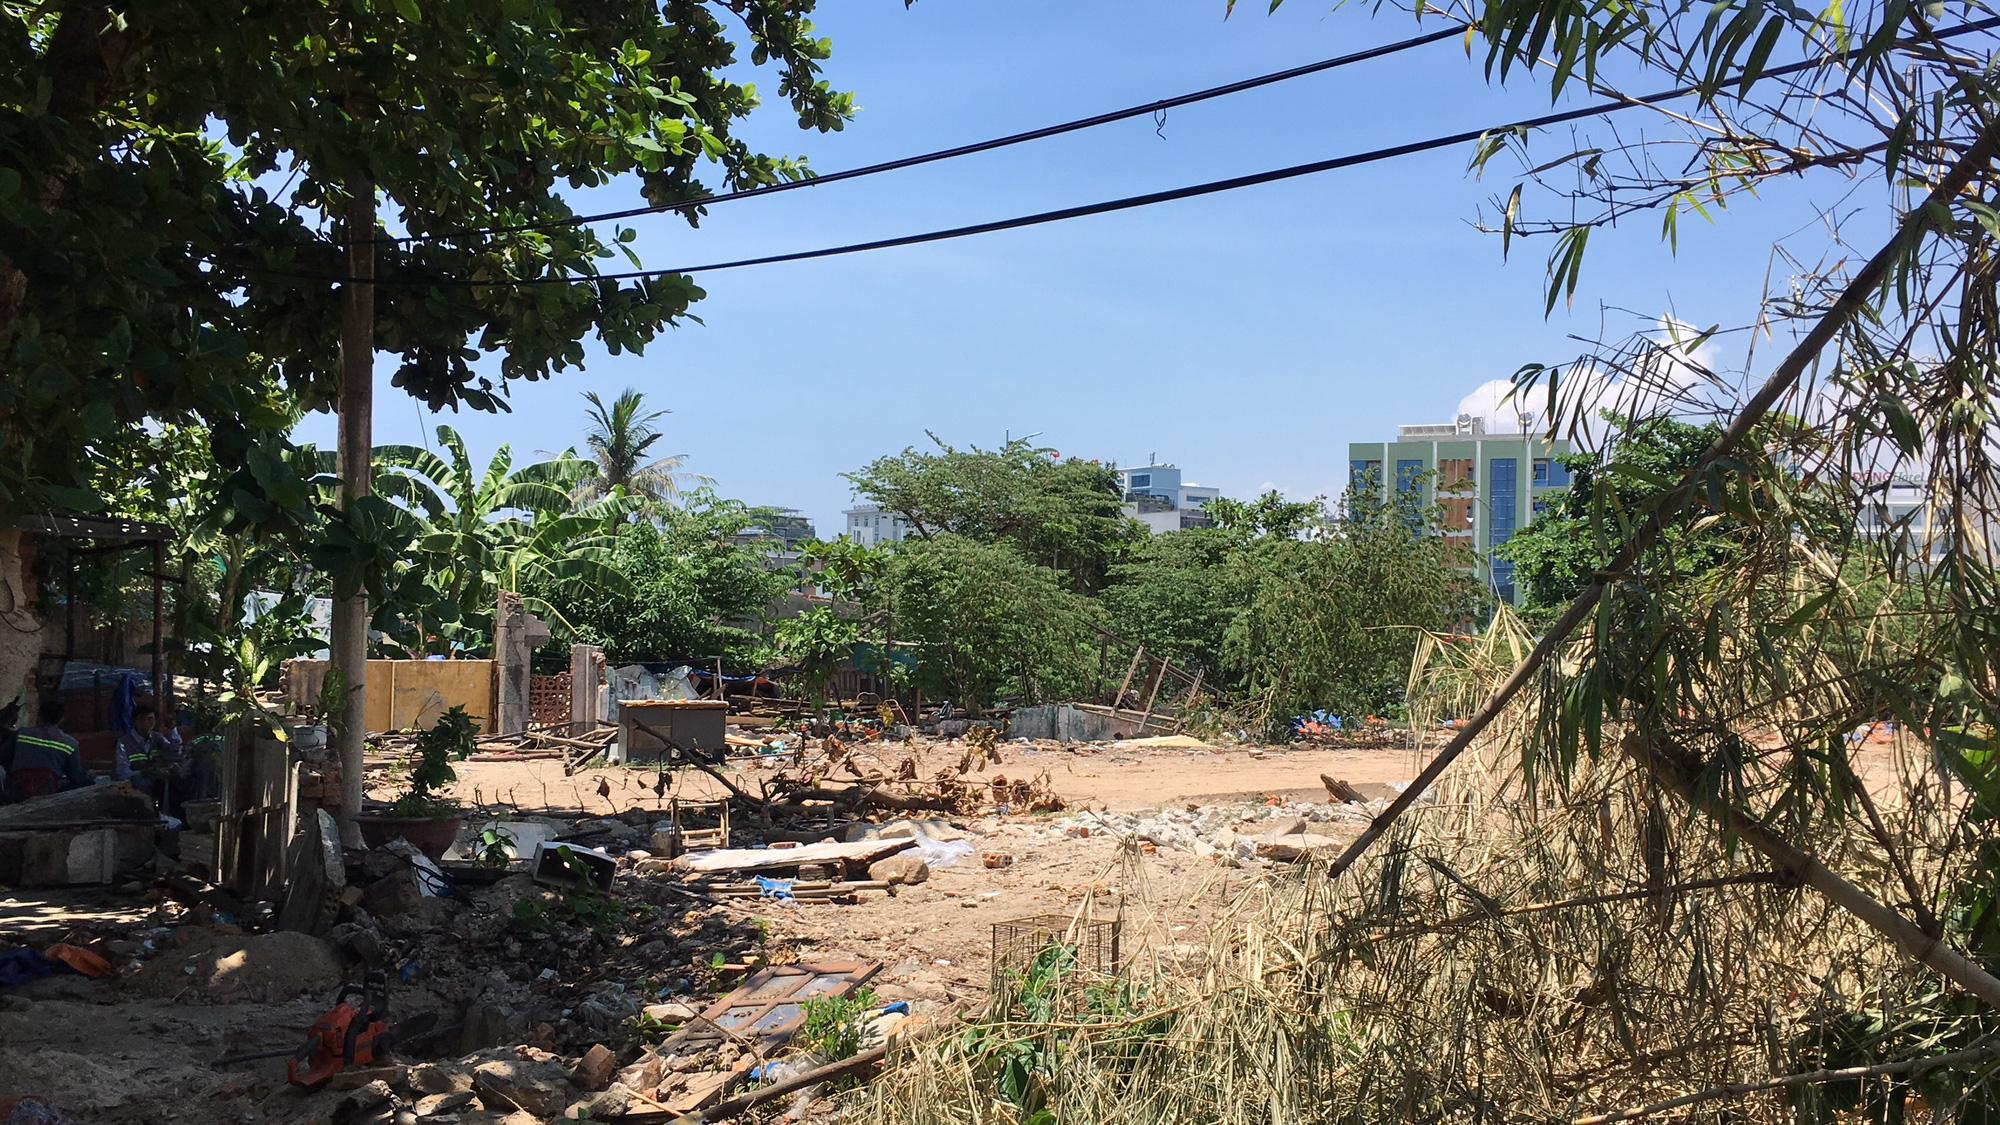 Cận cảnh khu đất gần sông Hàn có thể xây dựng cao 40 tầng được Đà Nẵng kêu gọi đầu tư - Ảnh 3.